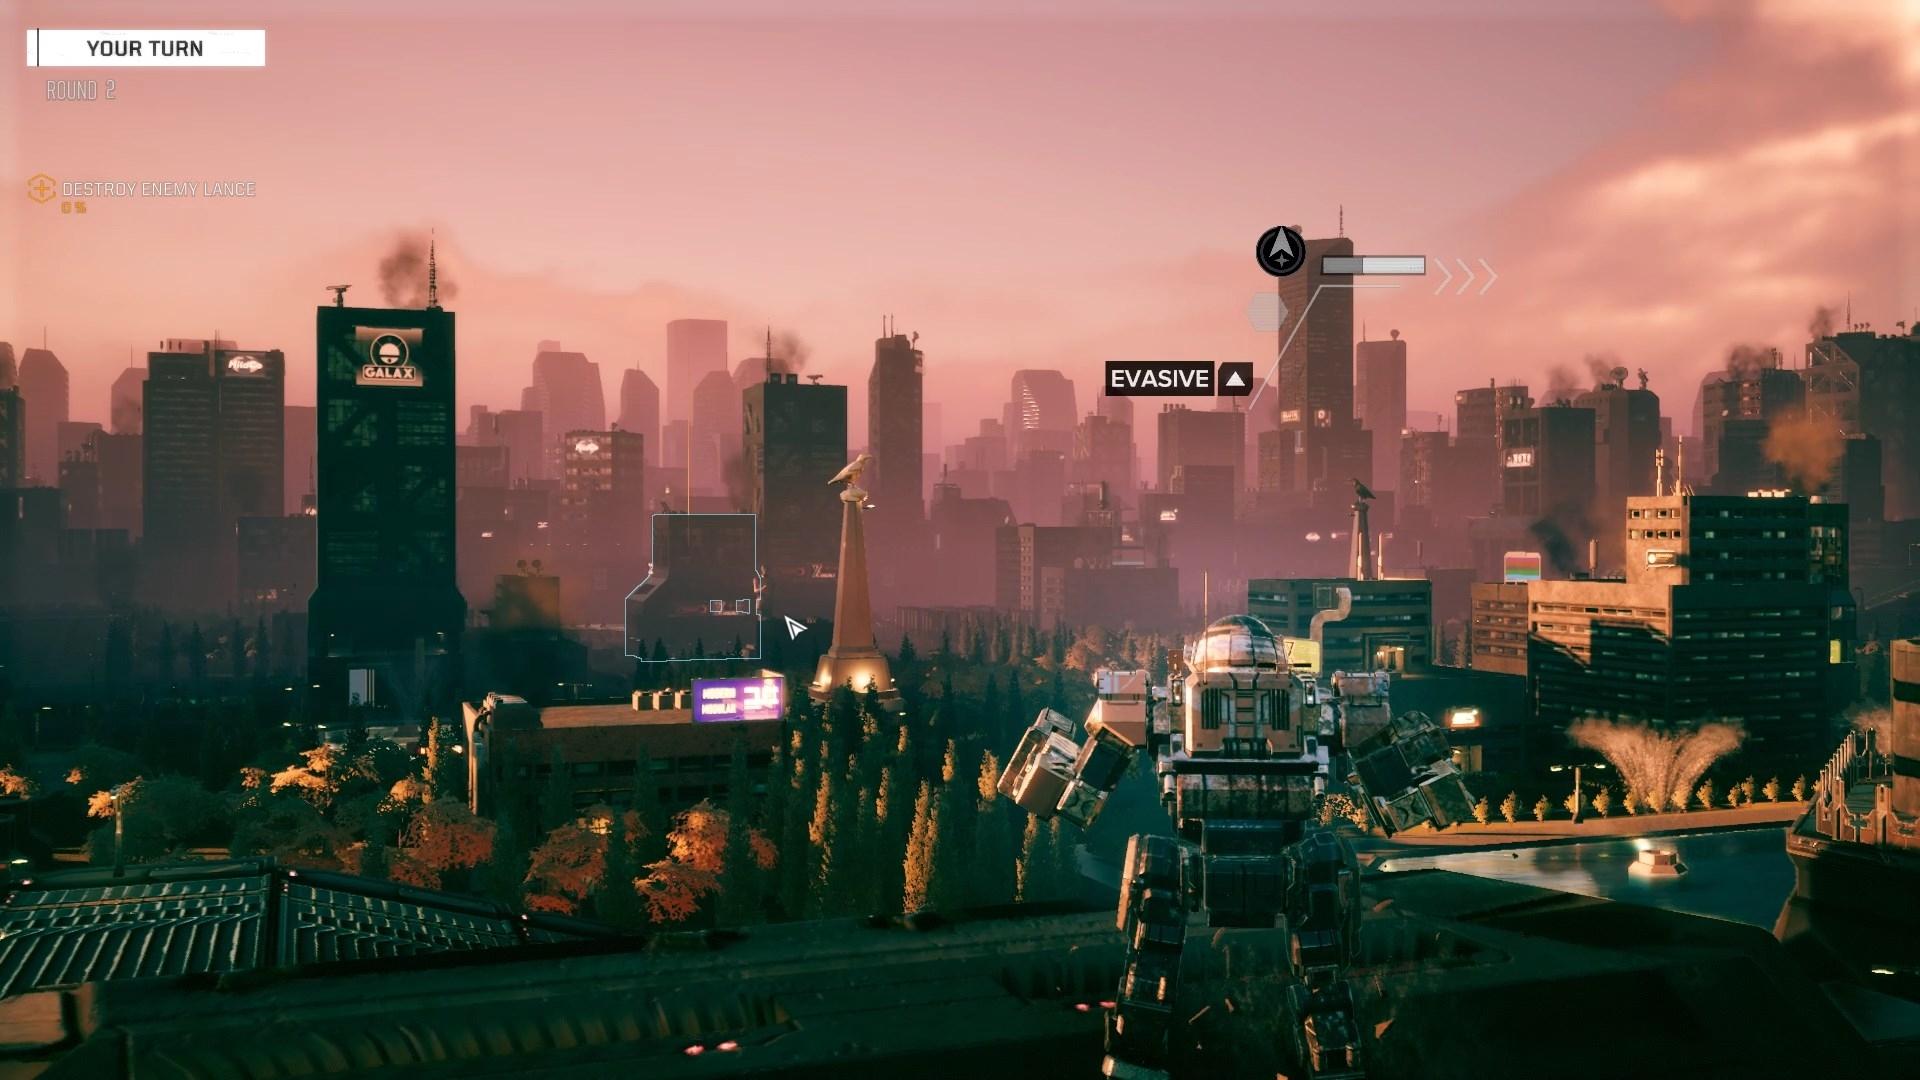 BattleTech: Urban Warfare puts mechs back where they belong | PC Gamer